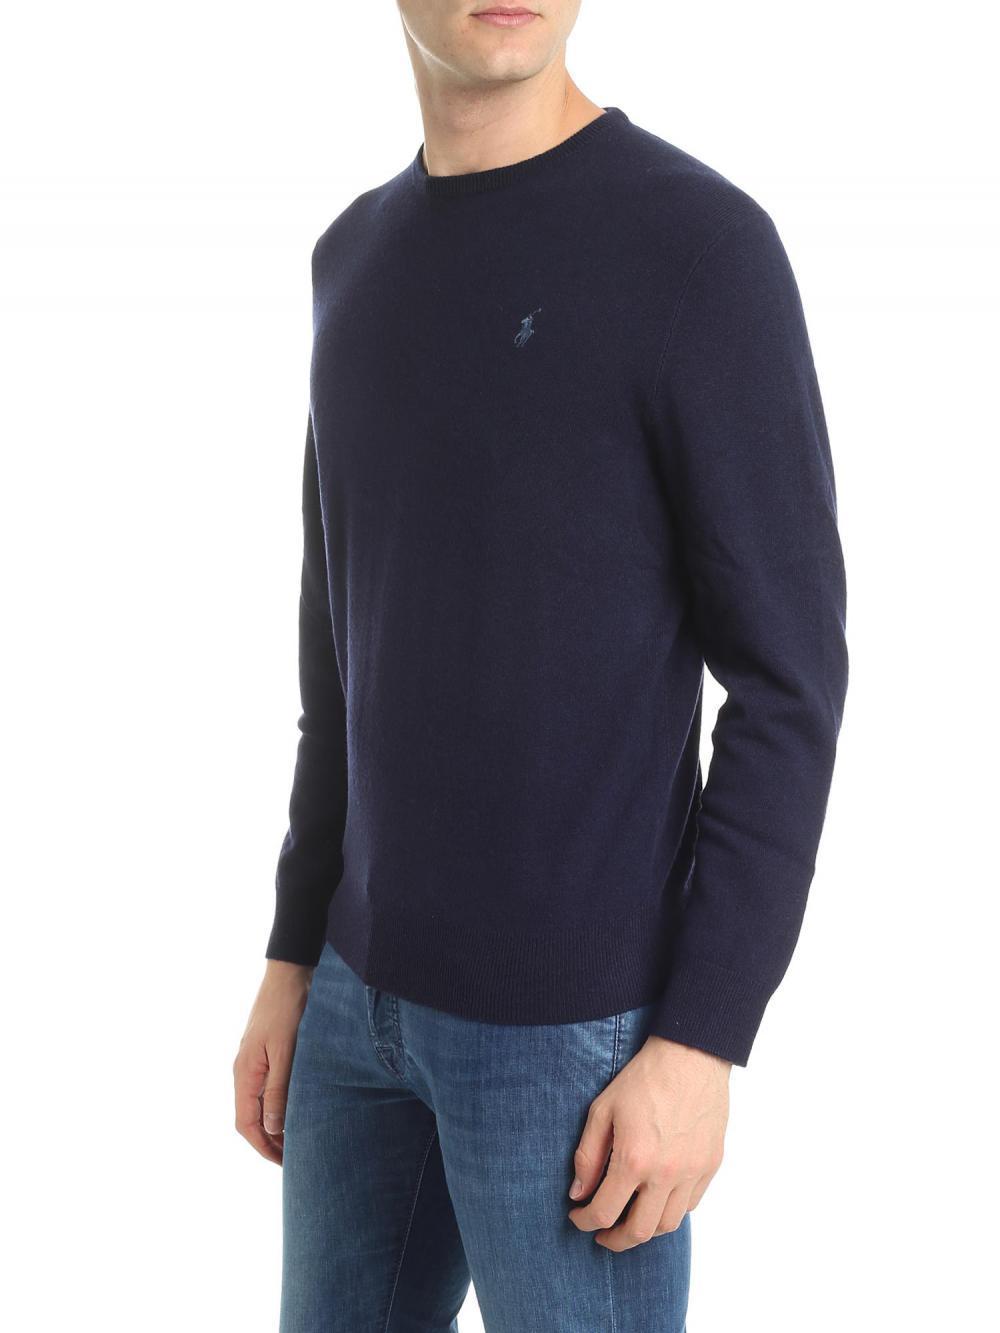 pullover-in-lana-uomo-ralph-lauren-cod-710667378